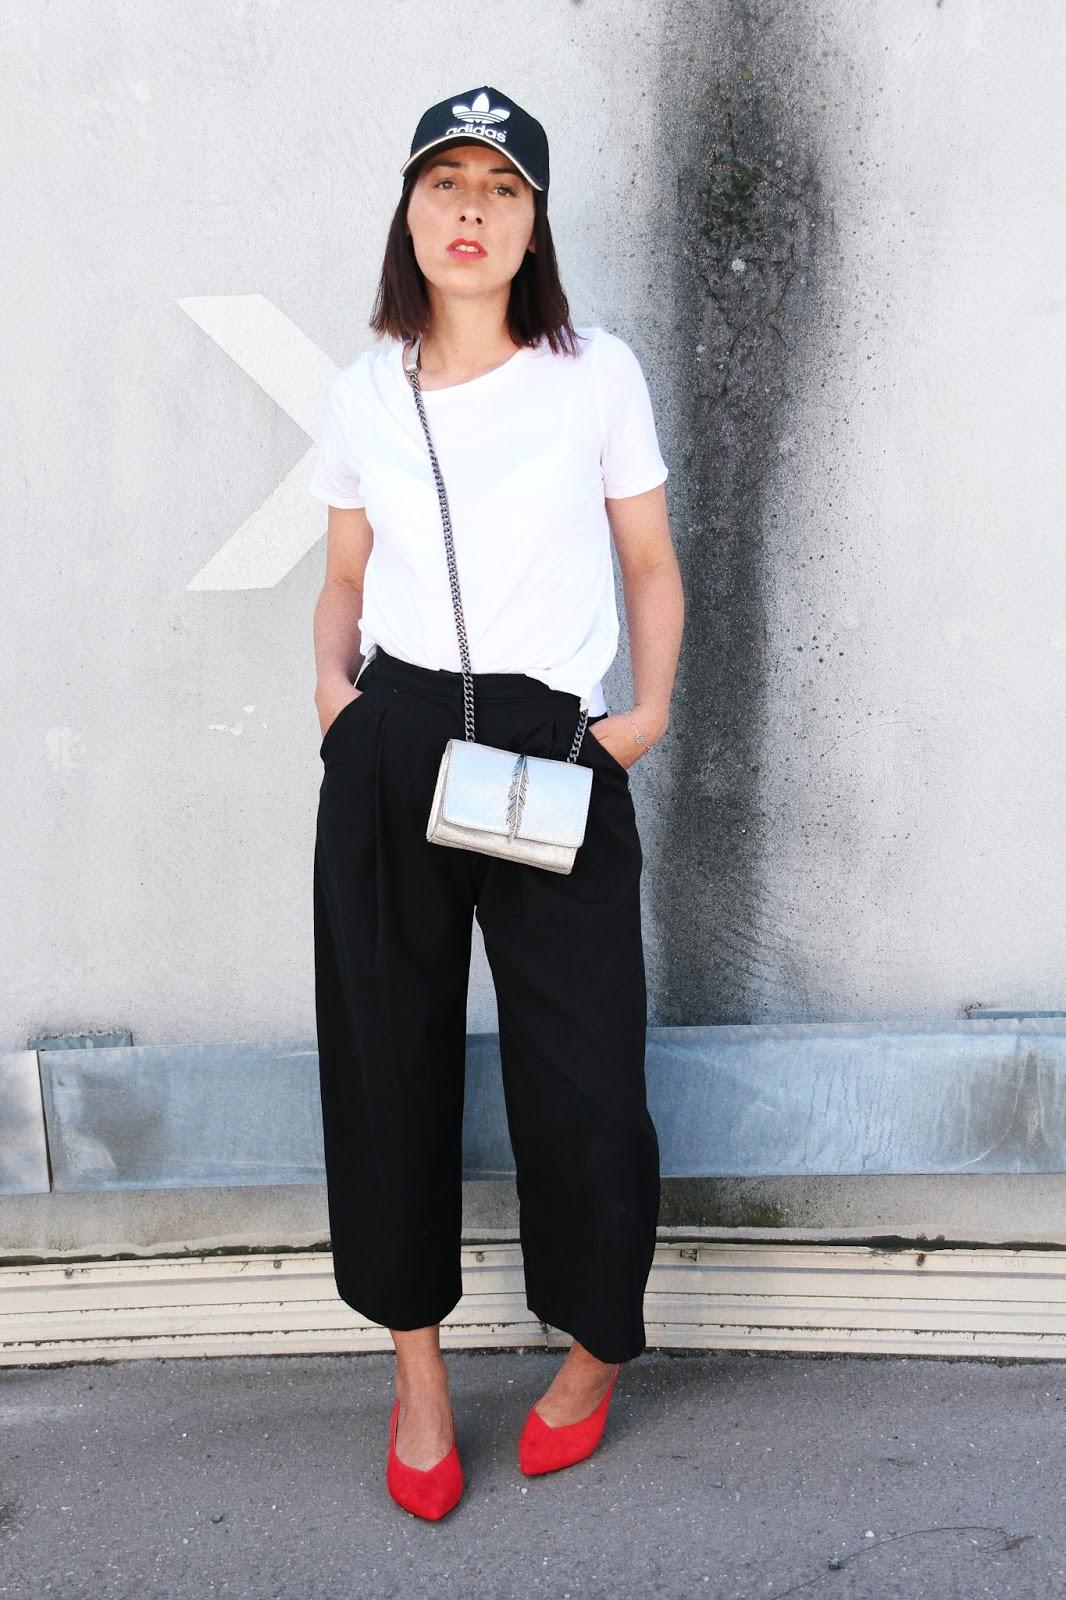 idée-de-look-été-casquette-adidas-jupe-culotte-escarpins-rouge